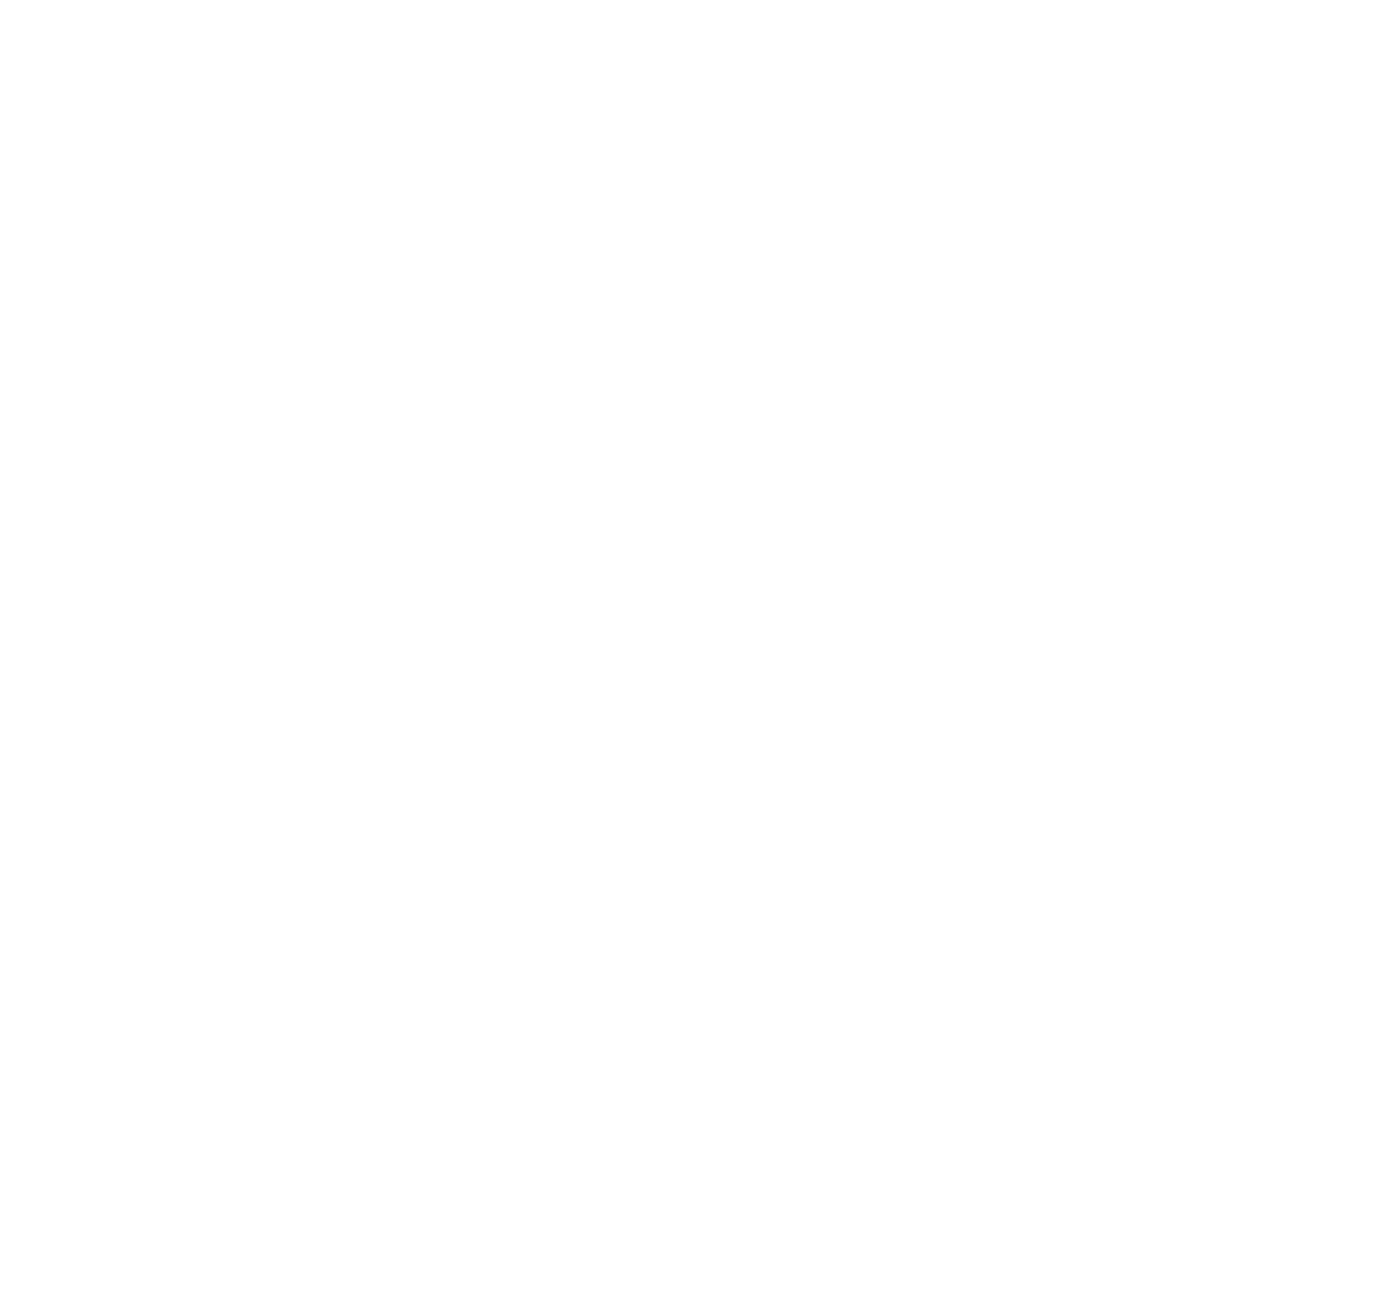 WTX---DWC_1